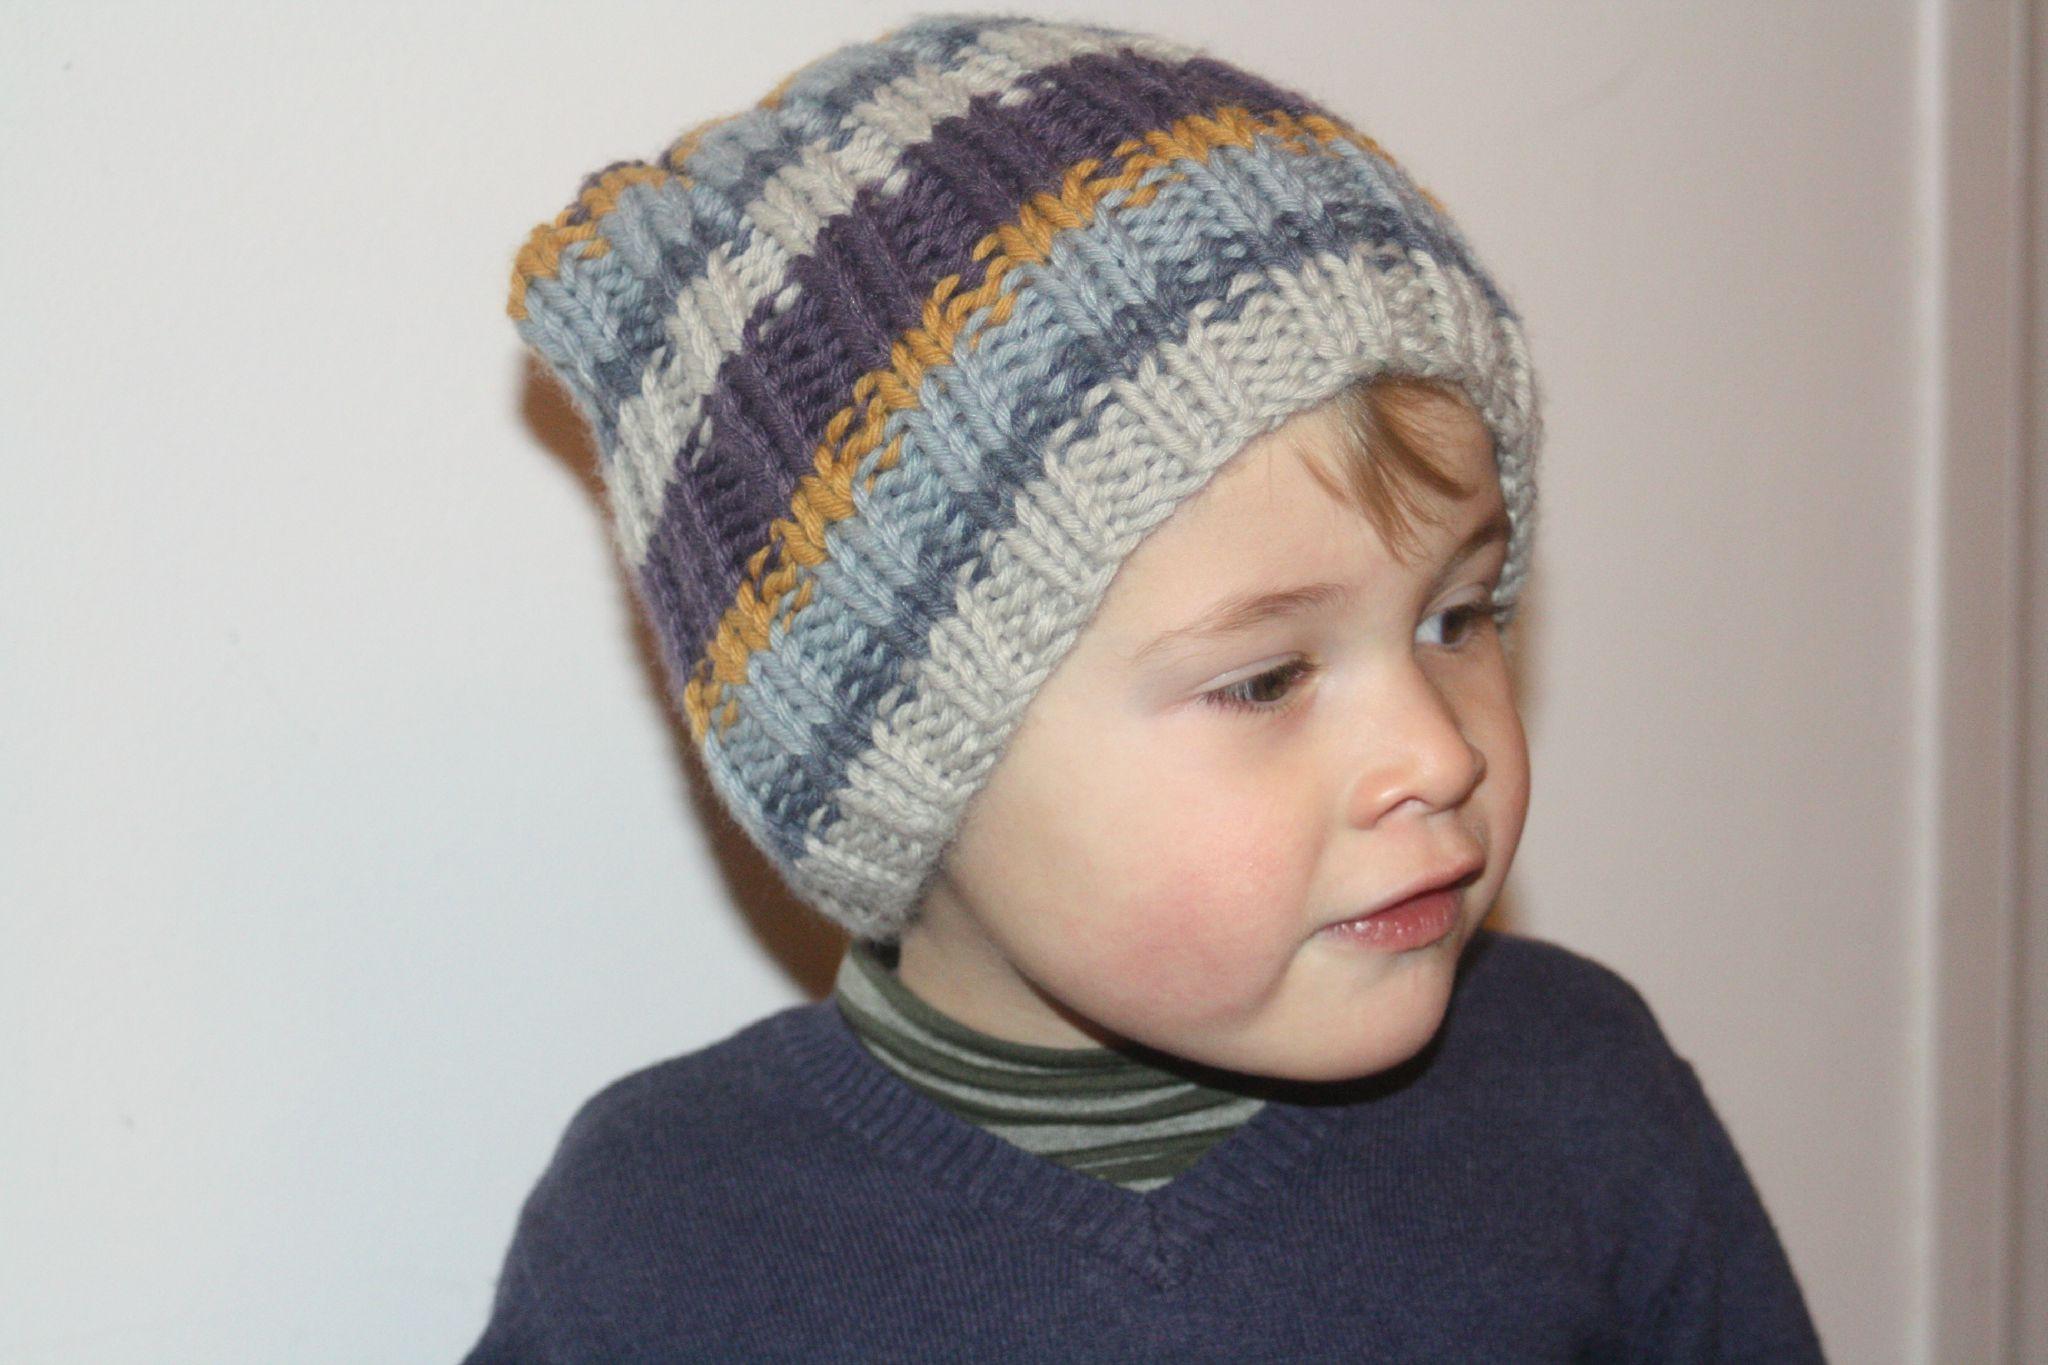 tricoter un bonnet fille 7 ans